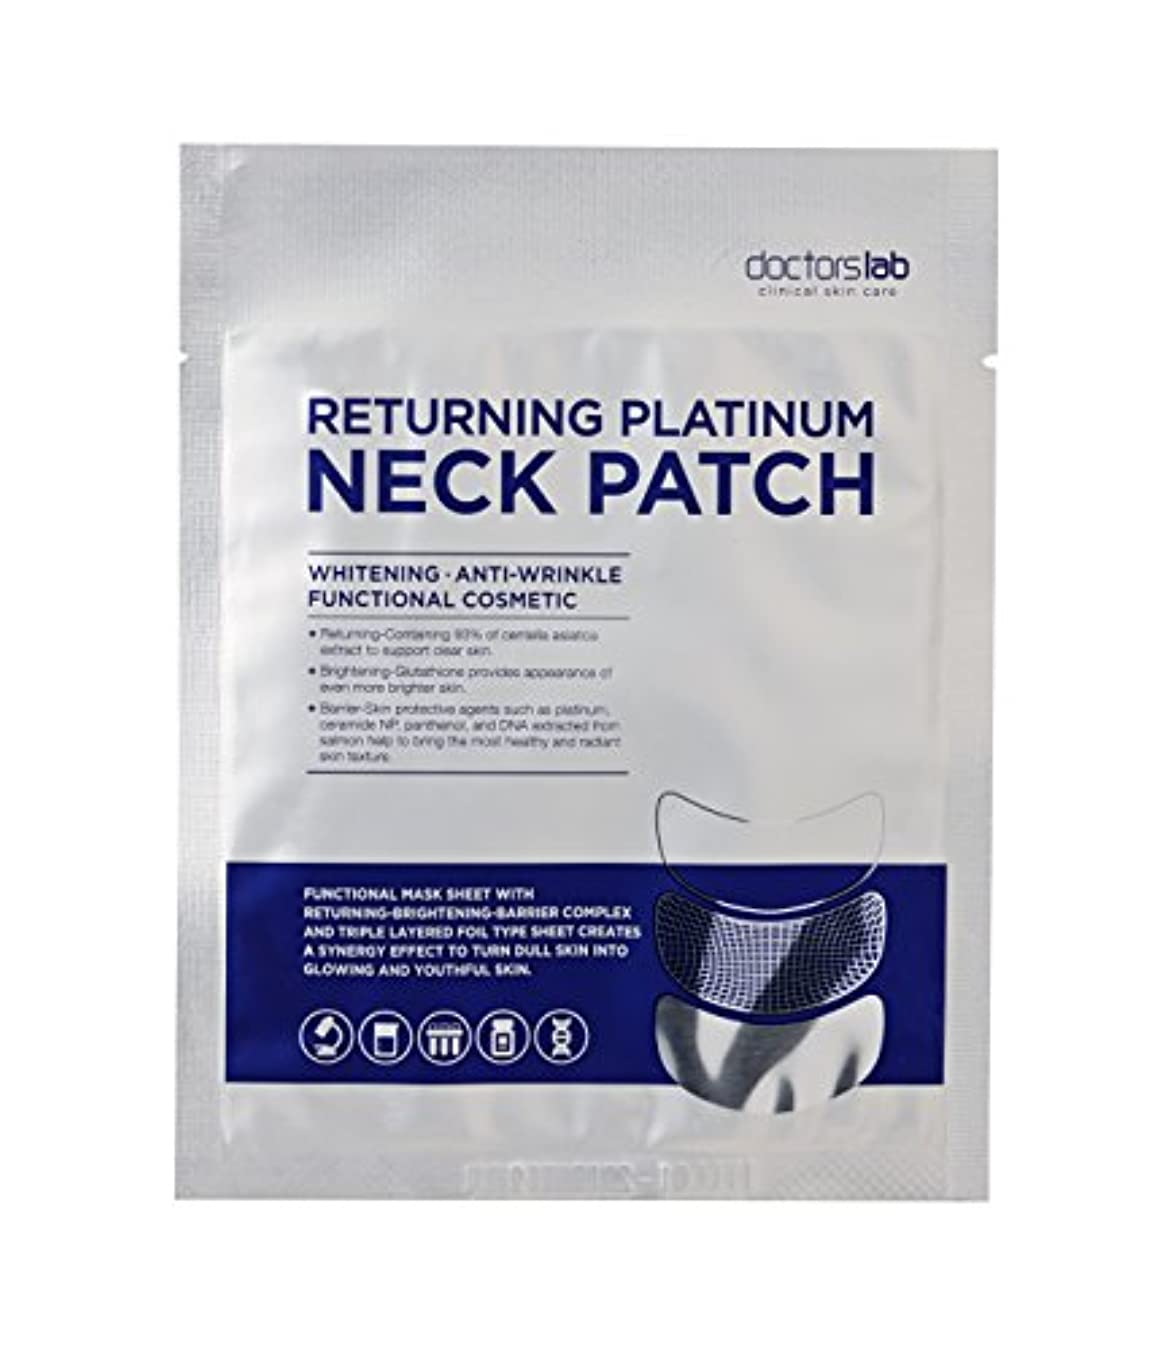 シールドモロニックトランスミッションDoctor's Lab Clinical Skin Care 戻るプラチナネックパッチ 4本/箱